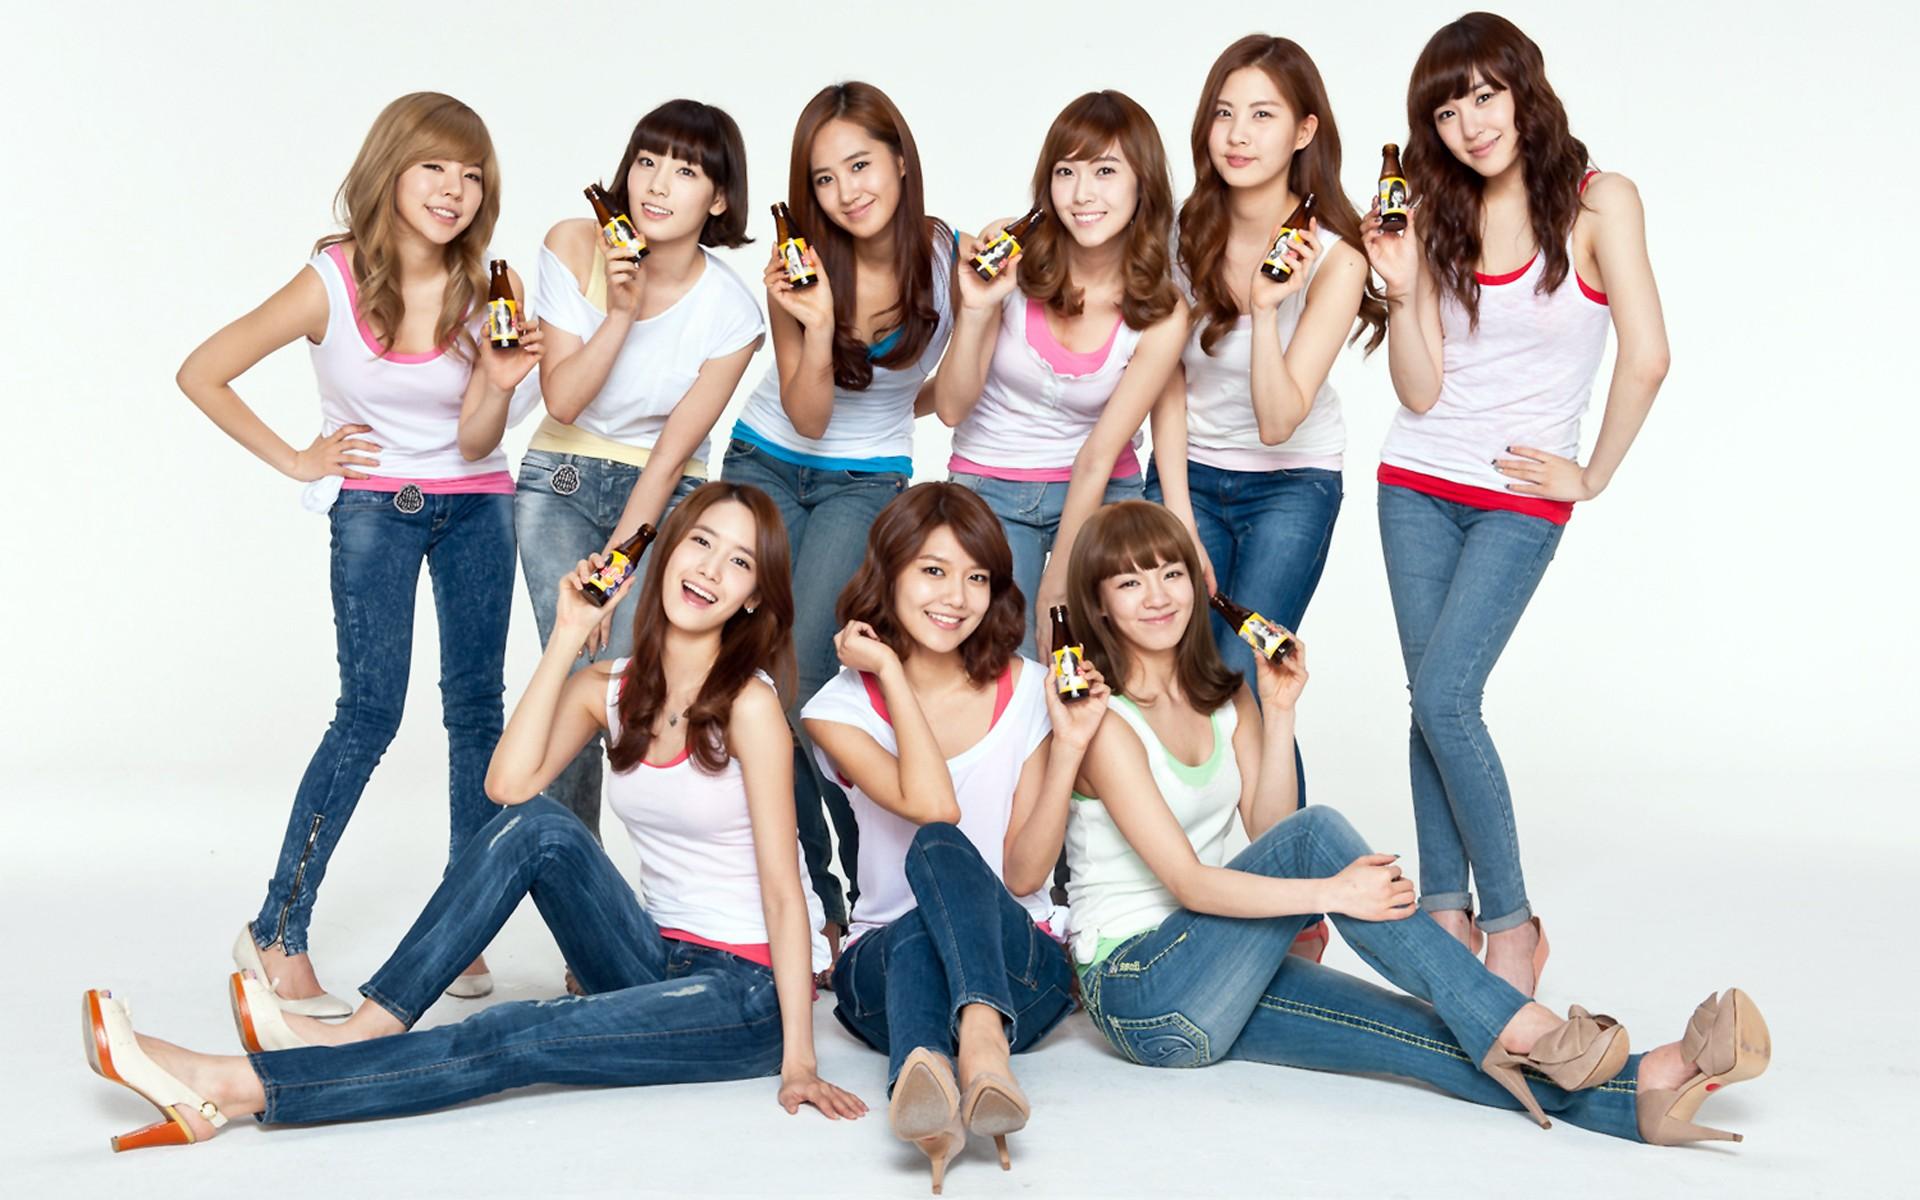 Asiáticas con jeans - 1920x1200